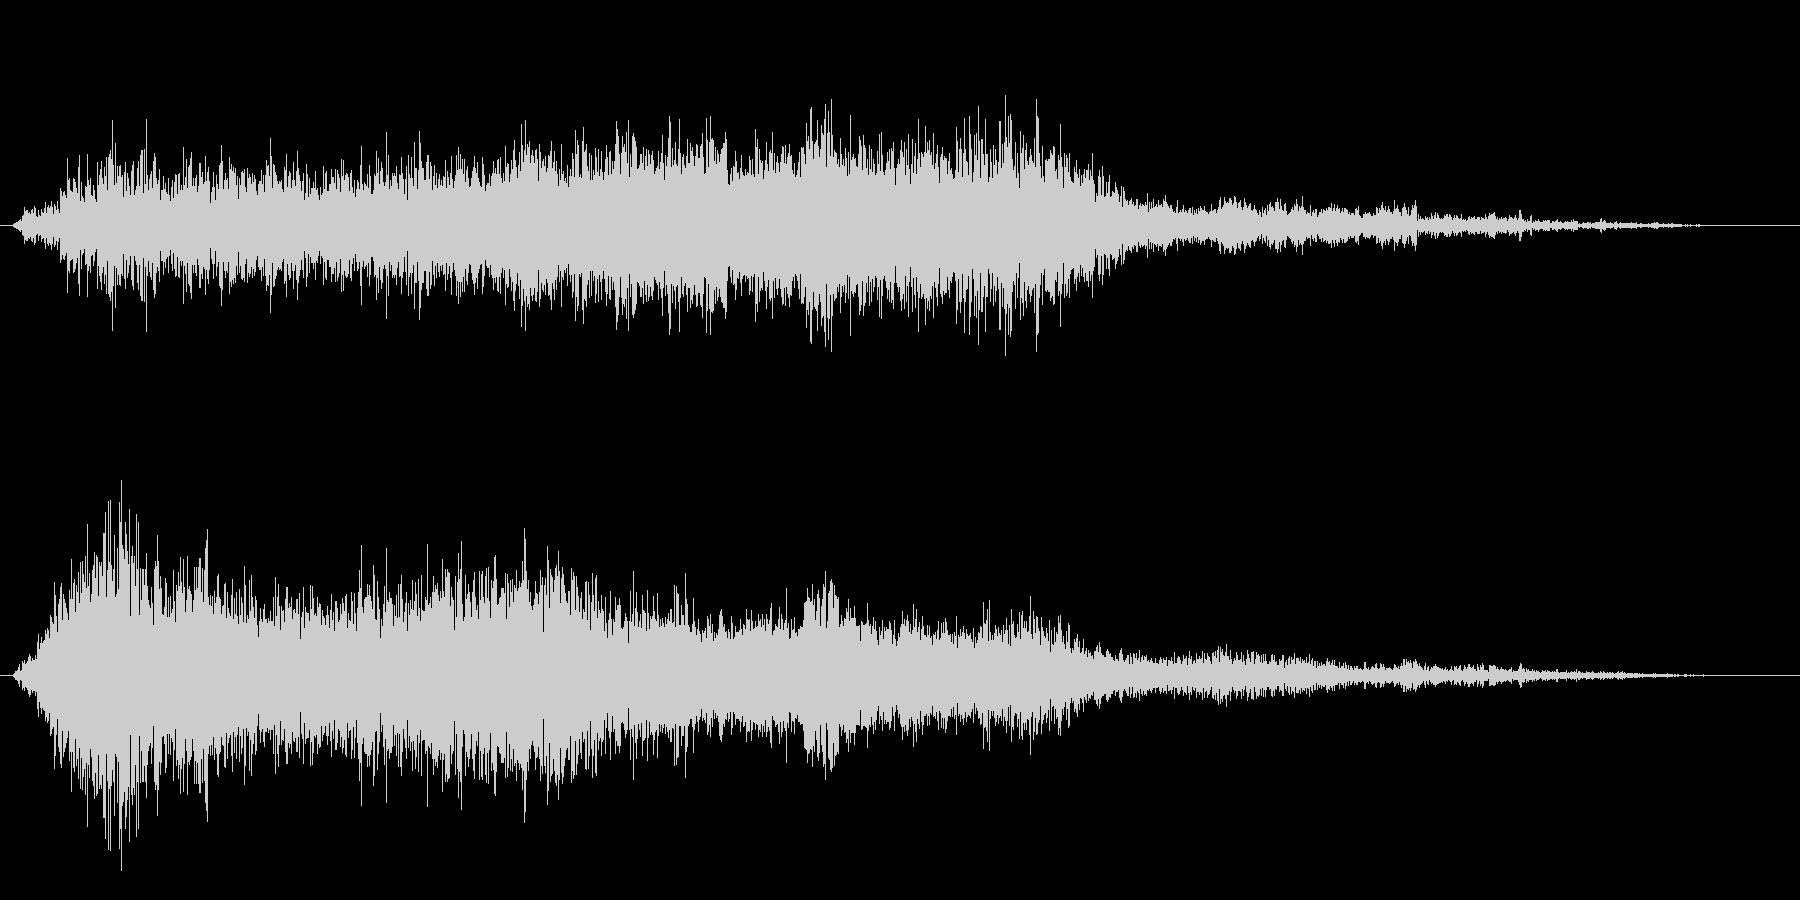 ホラー映画に出てきそうなノイズ系音源02の未再生の波形